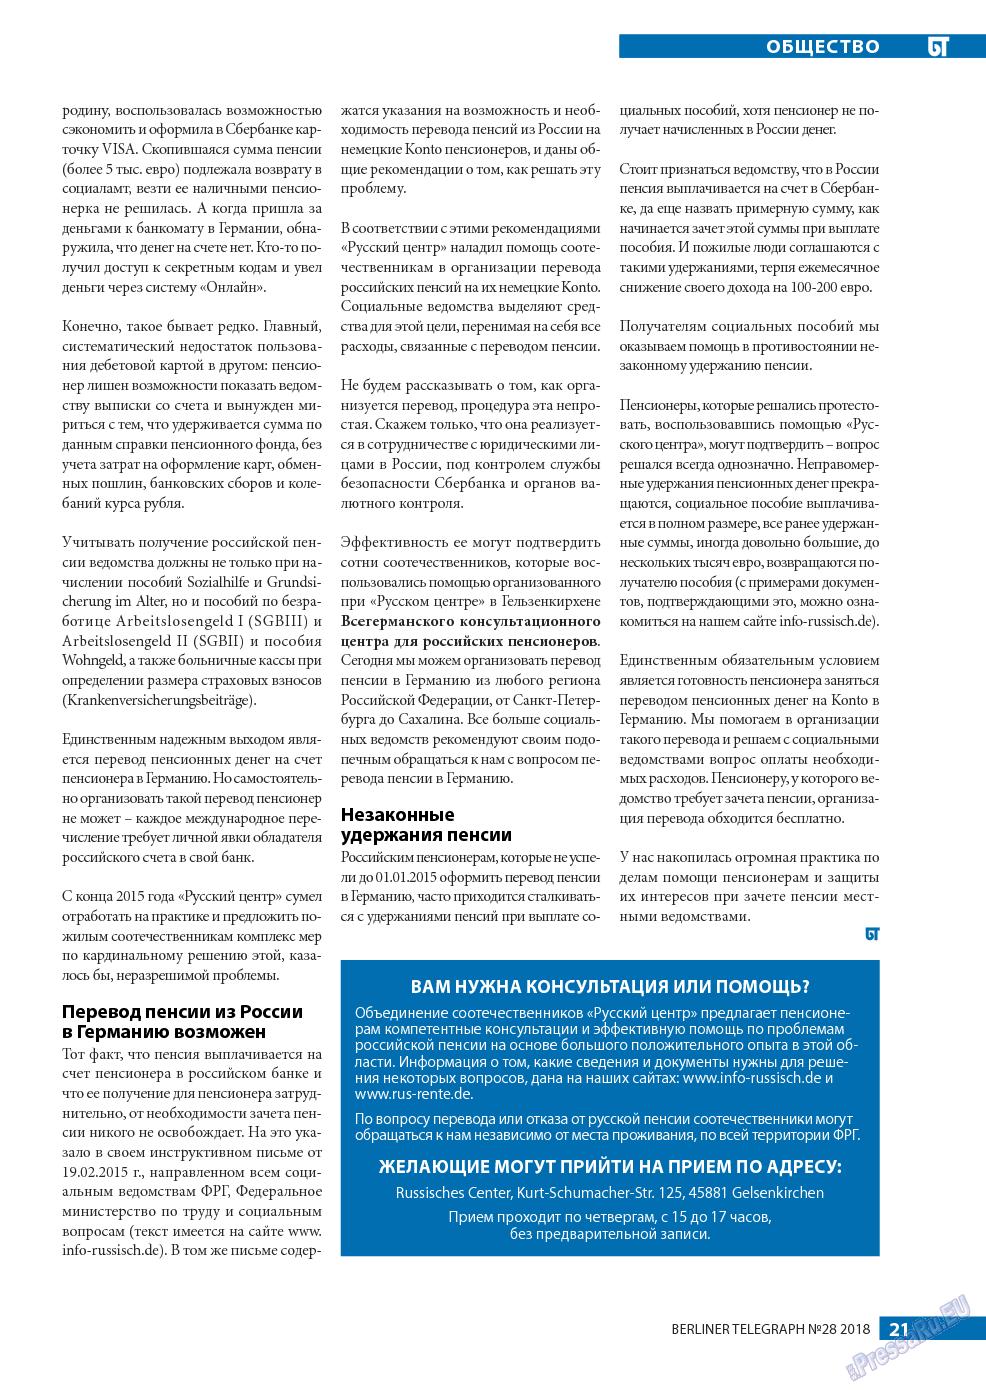 Берлинский телеграф (журнал). 2018 год, номер 28, стр. 21